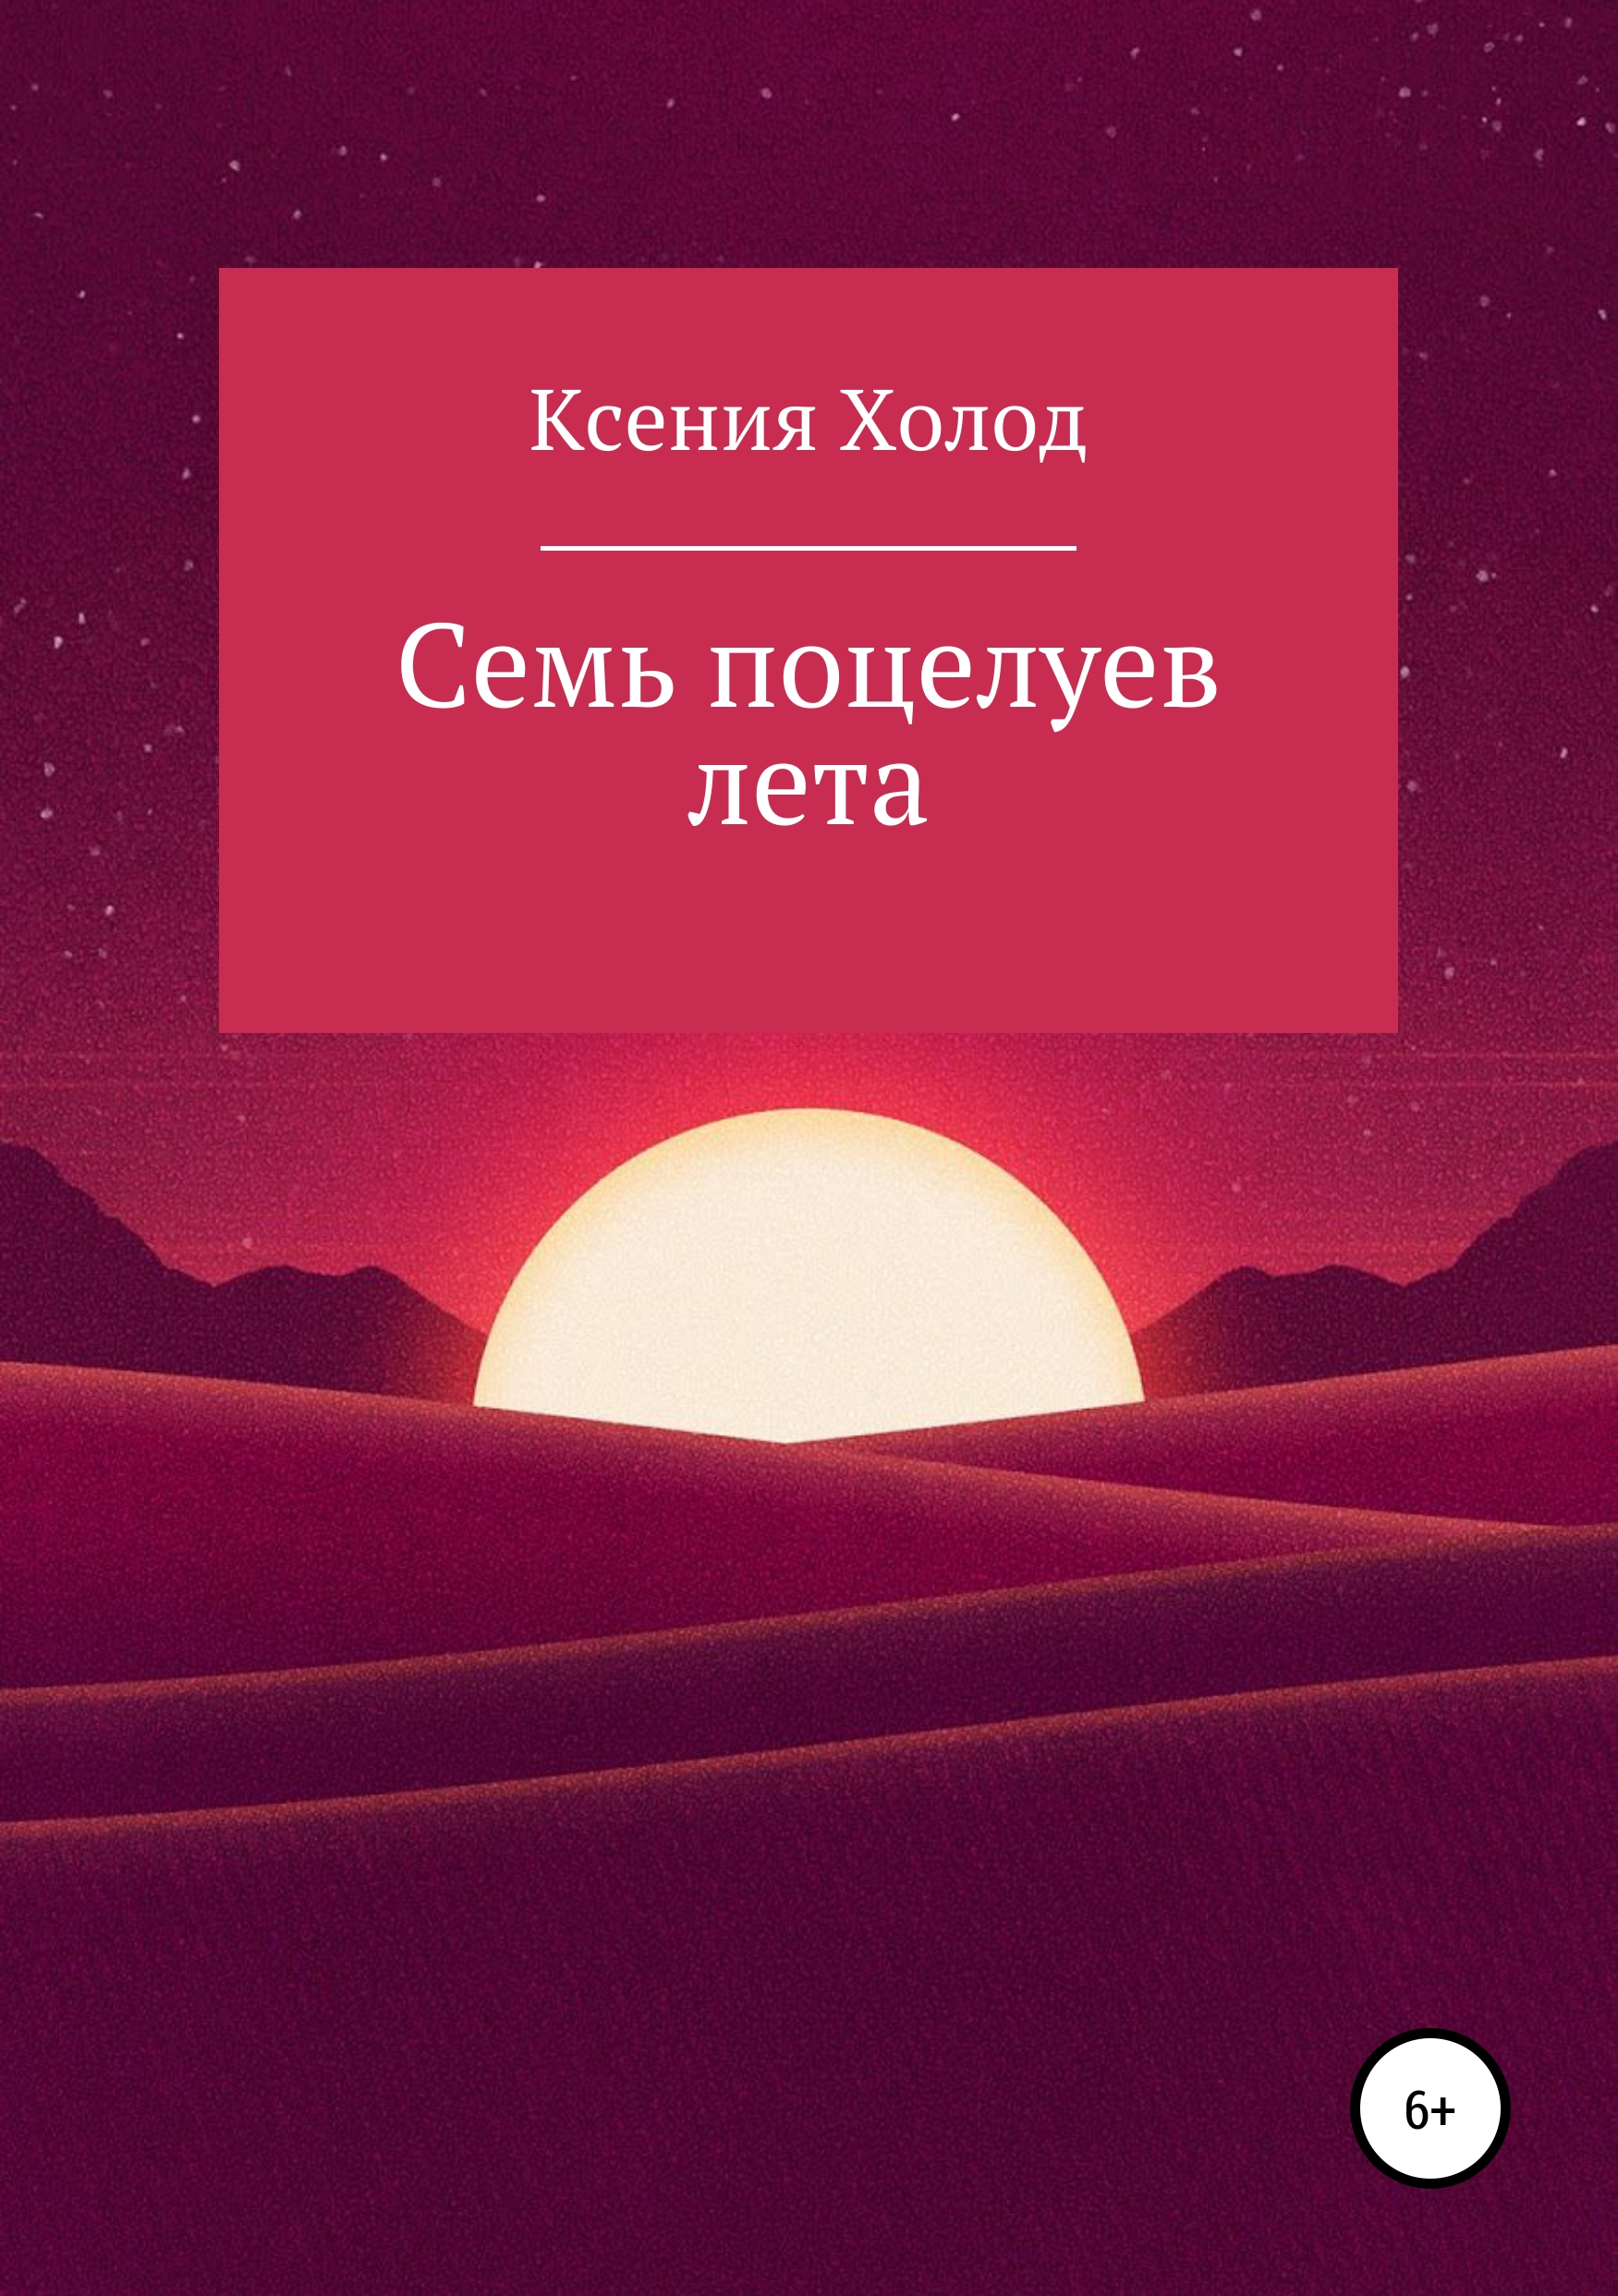 Ксения Николаевна Ксения Холод Семь поцелуев лета баштовая ксения николаевна пыль дорог